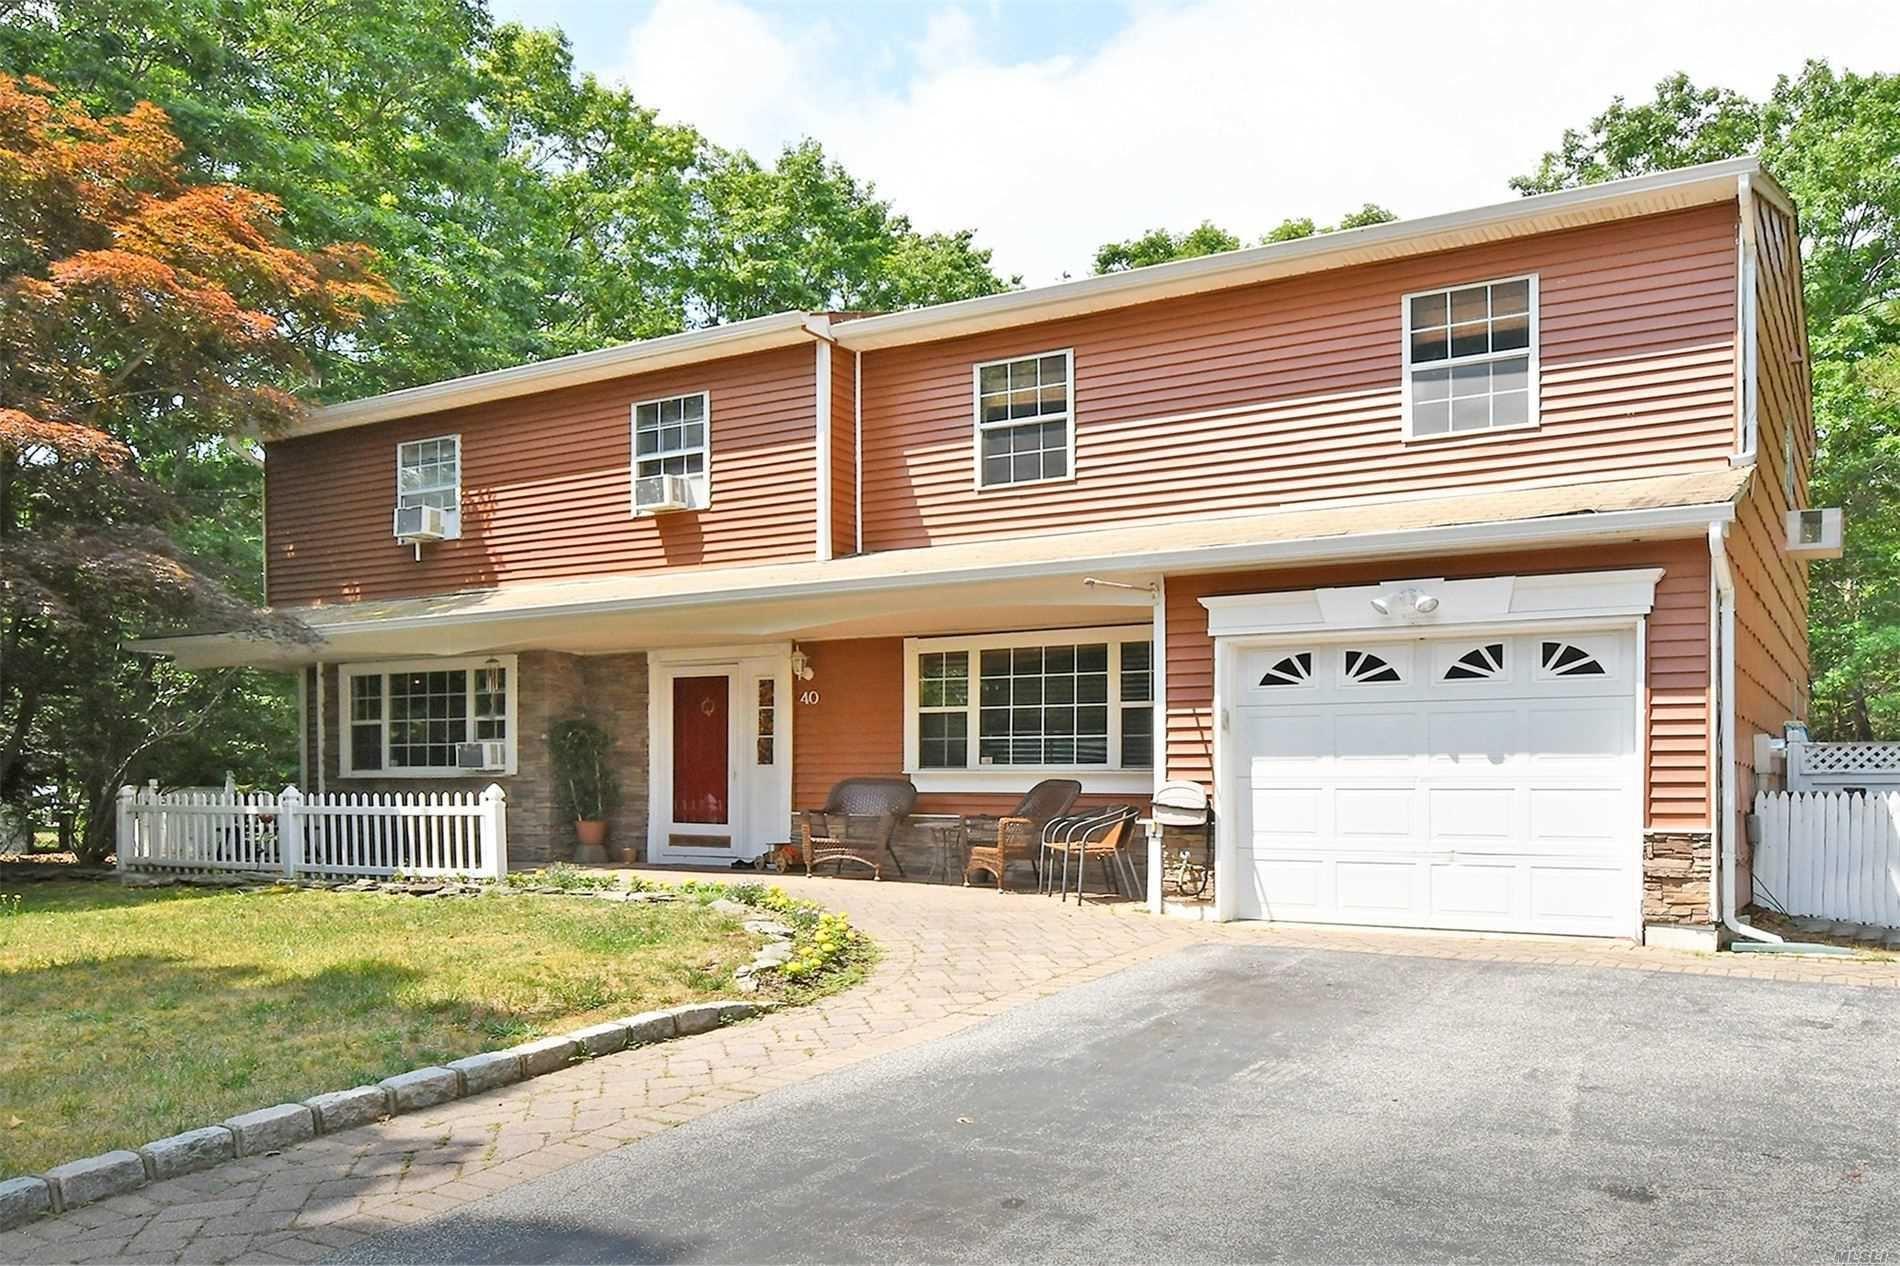 40 Cobblestone Drive, Shoreham, NY 11786 - MLS#: 3230932